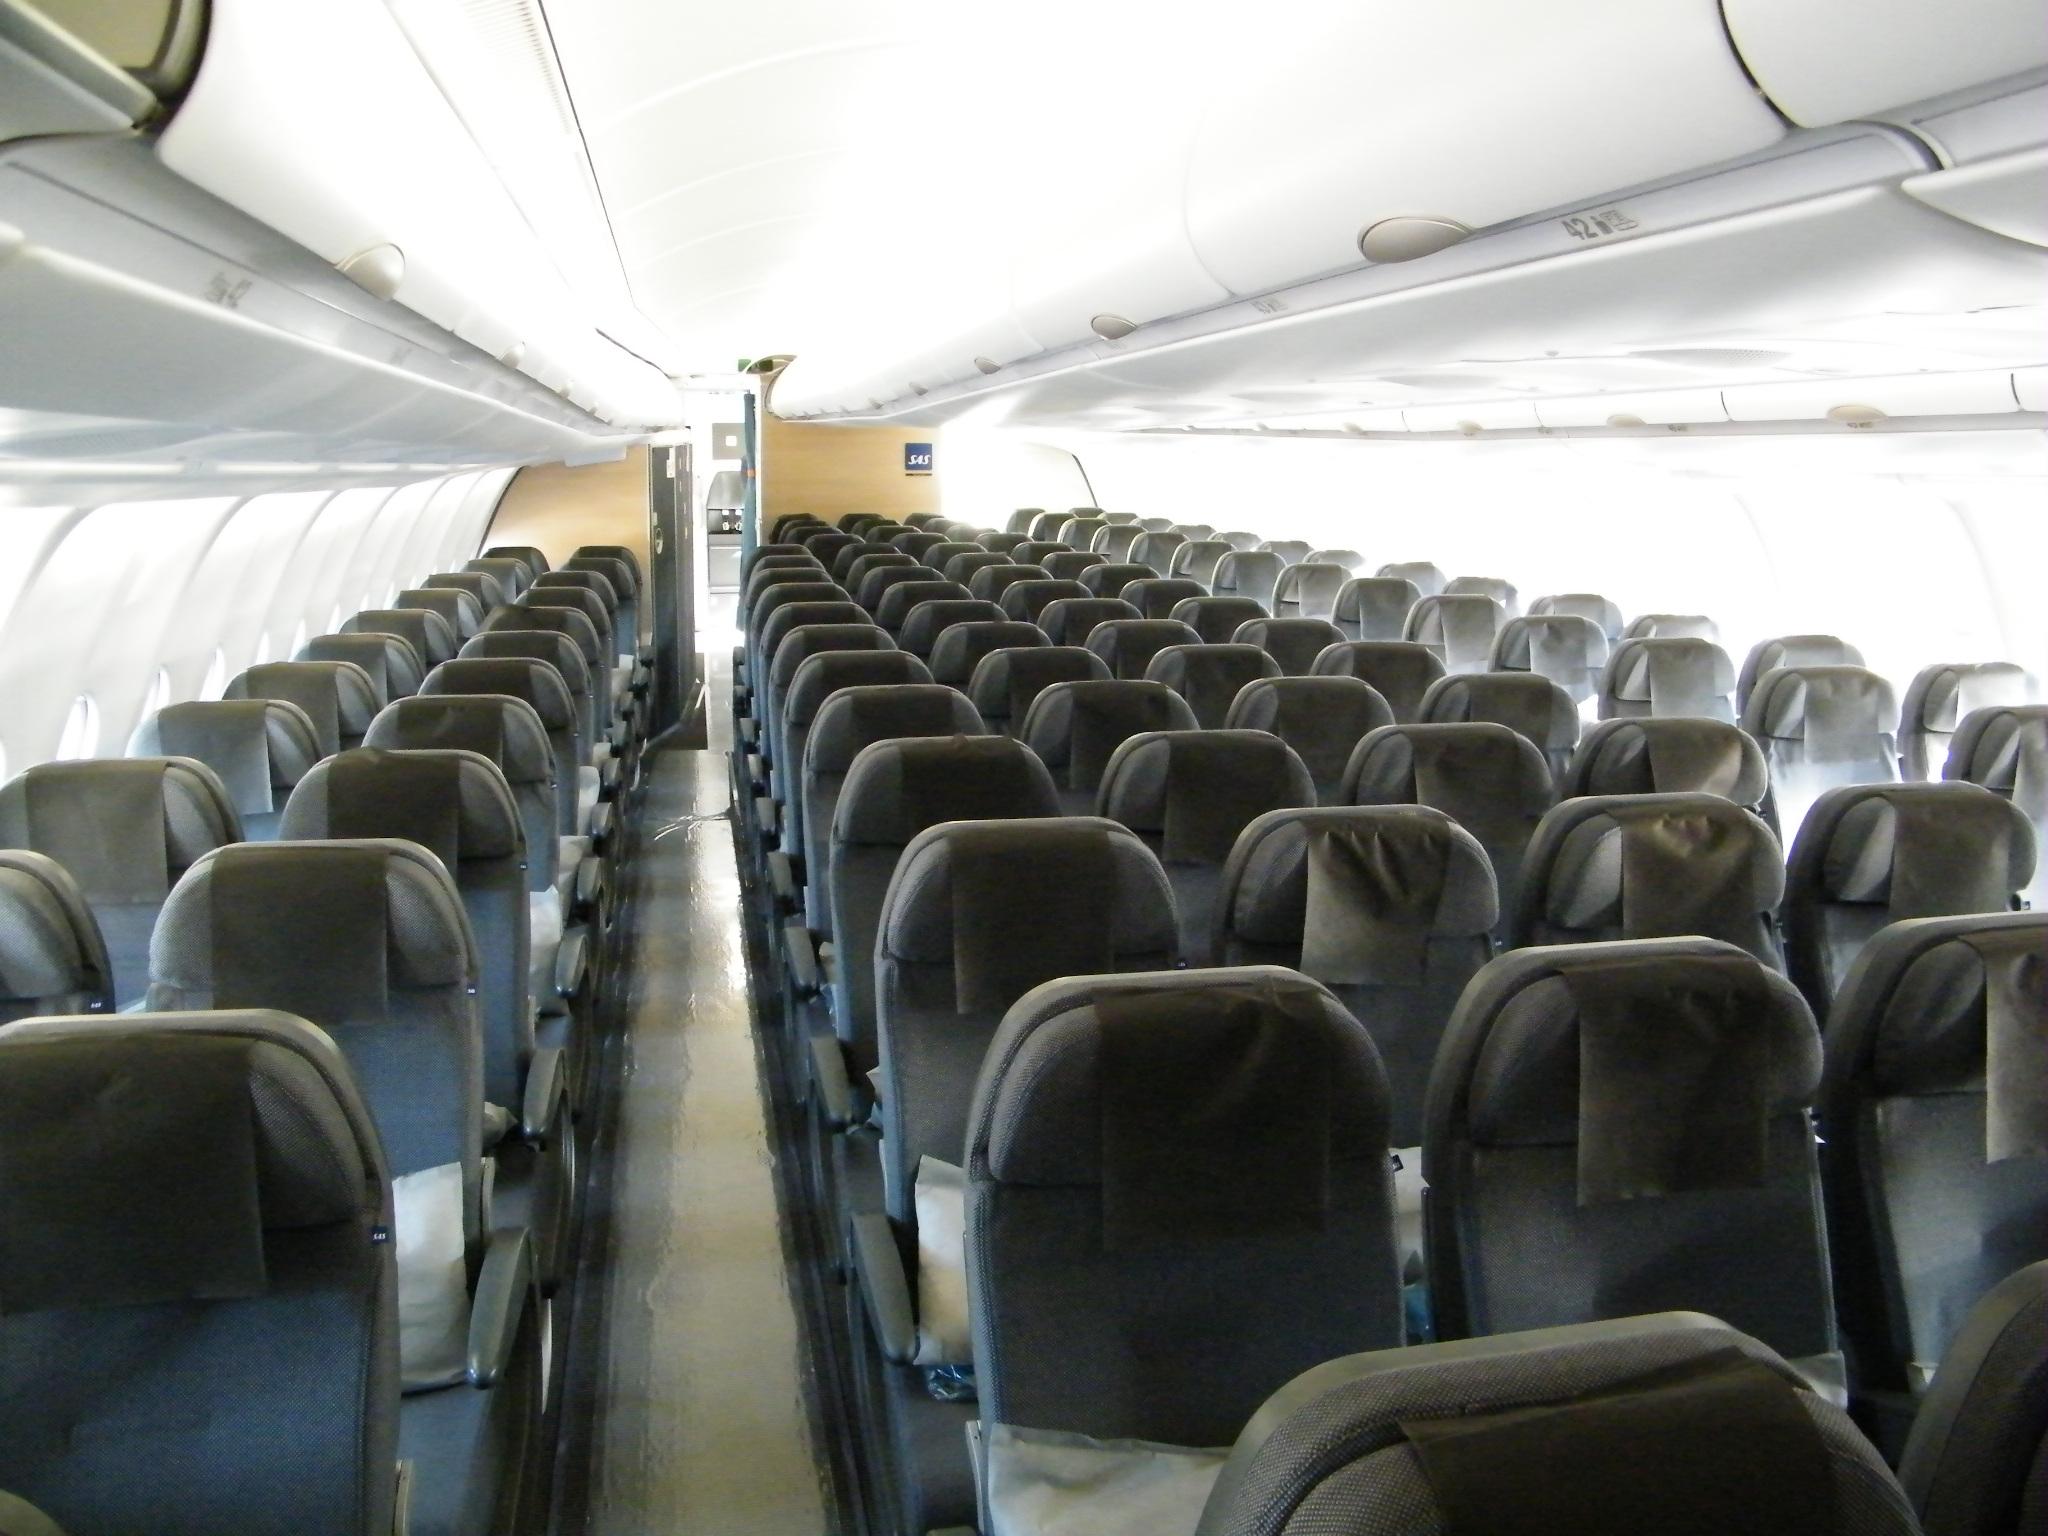 Den stigende lempelse af rejsevejledningerne øger salget af blandt andet flysæder. Det får nu Rejsegarantifonden til at øge kravet til rejsebureauernes kapitalberedskab. Arkivfoto: Henrik Baumgarten.